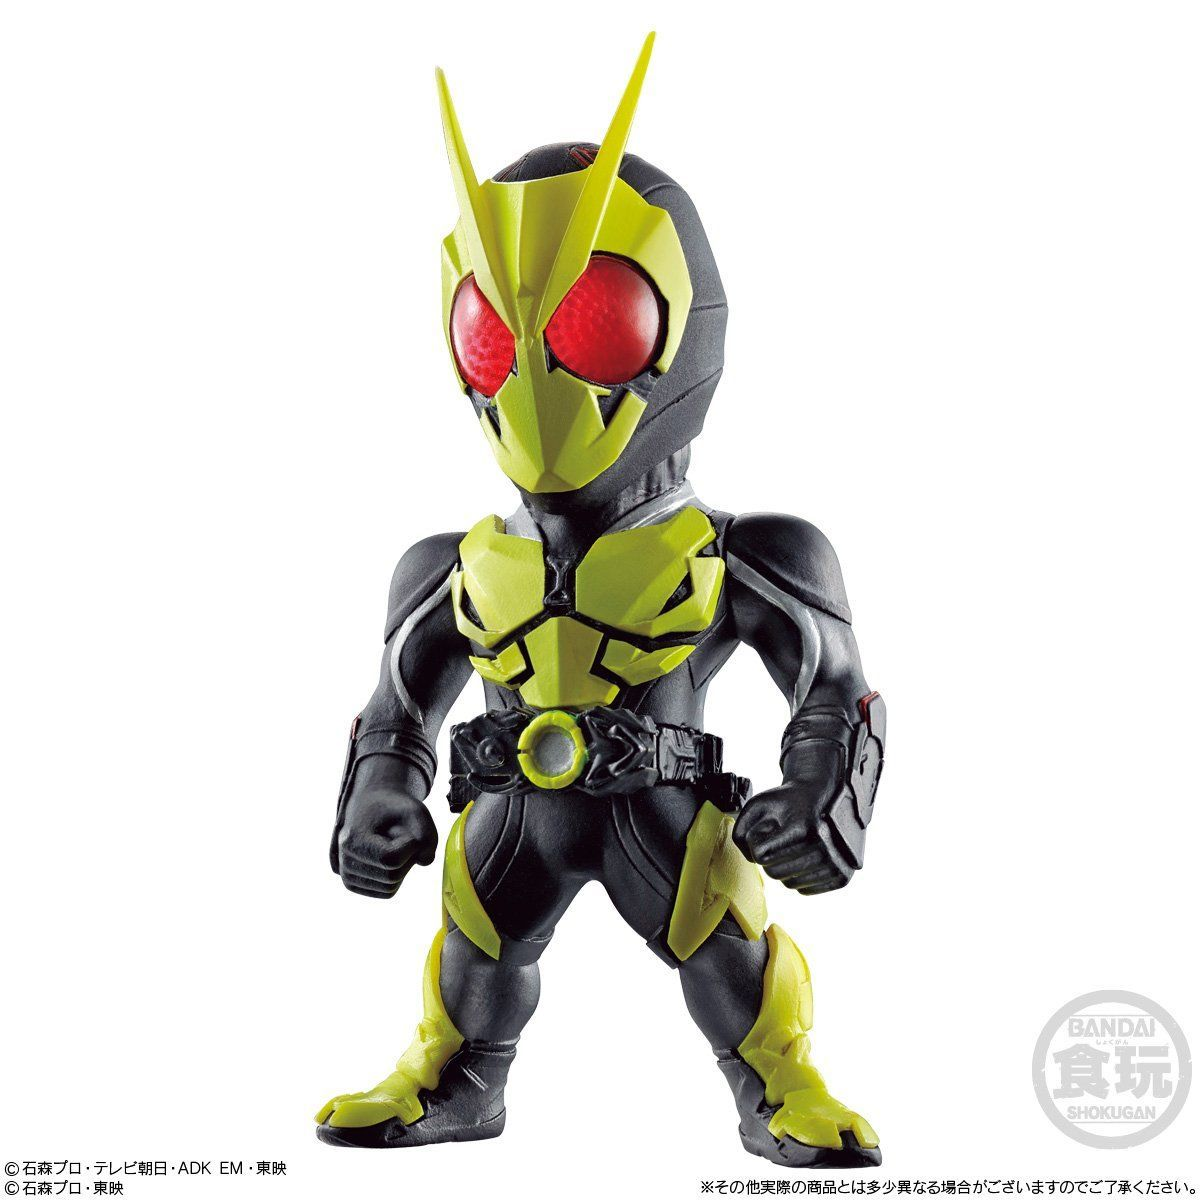 【食玩】コンバージ仮面ライダー『CONVERGE KAMEN RIDER 16』10個入りBOX-002